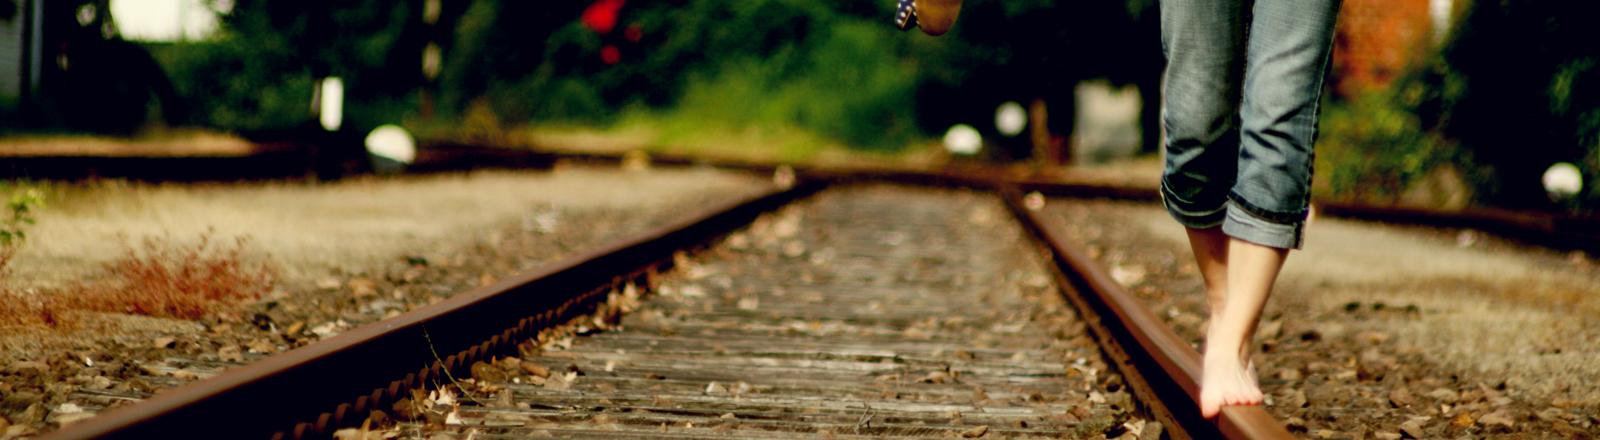 Balancieren auf Bahngleisen